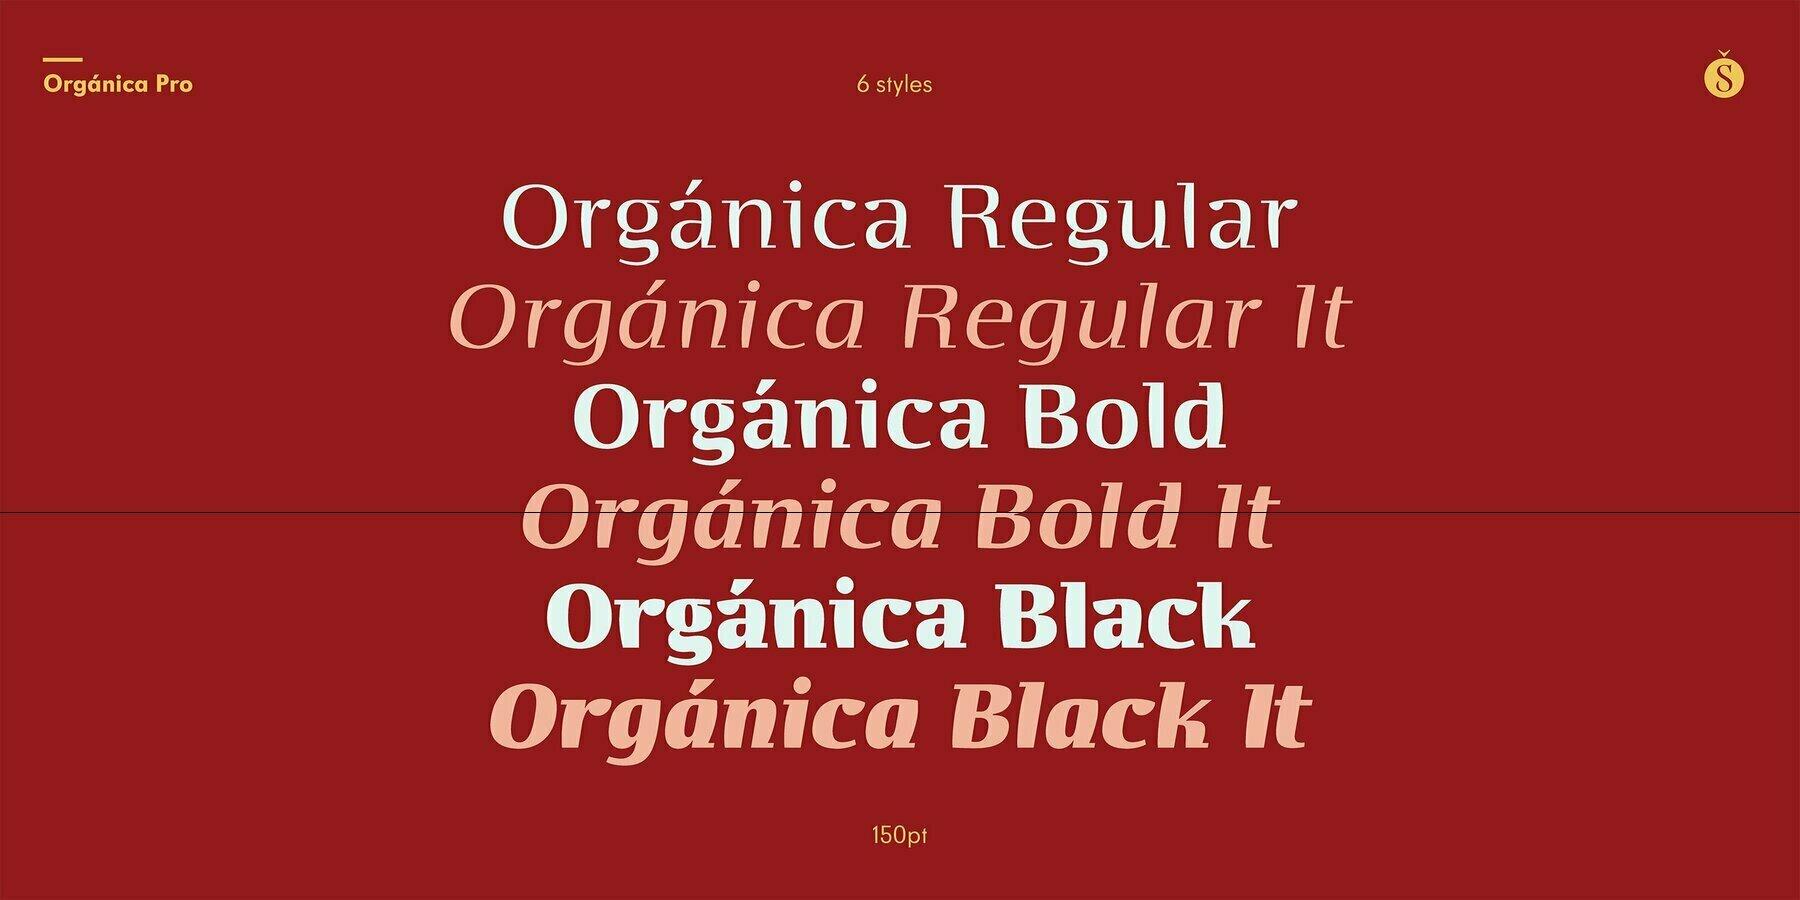 Organica Pro